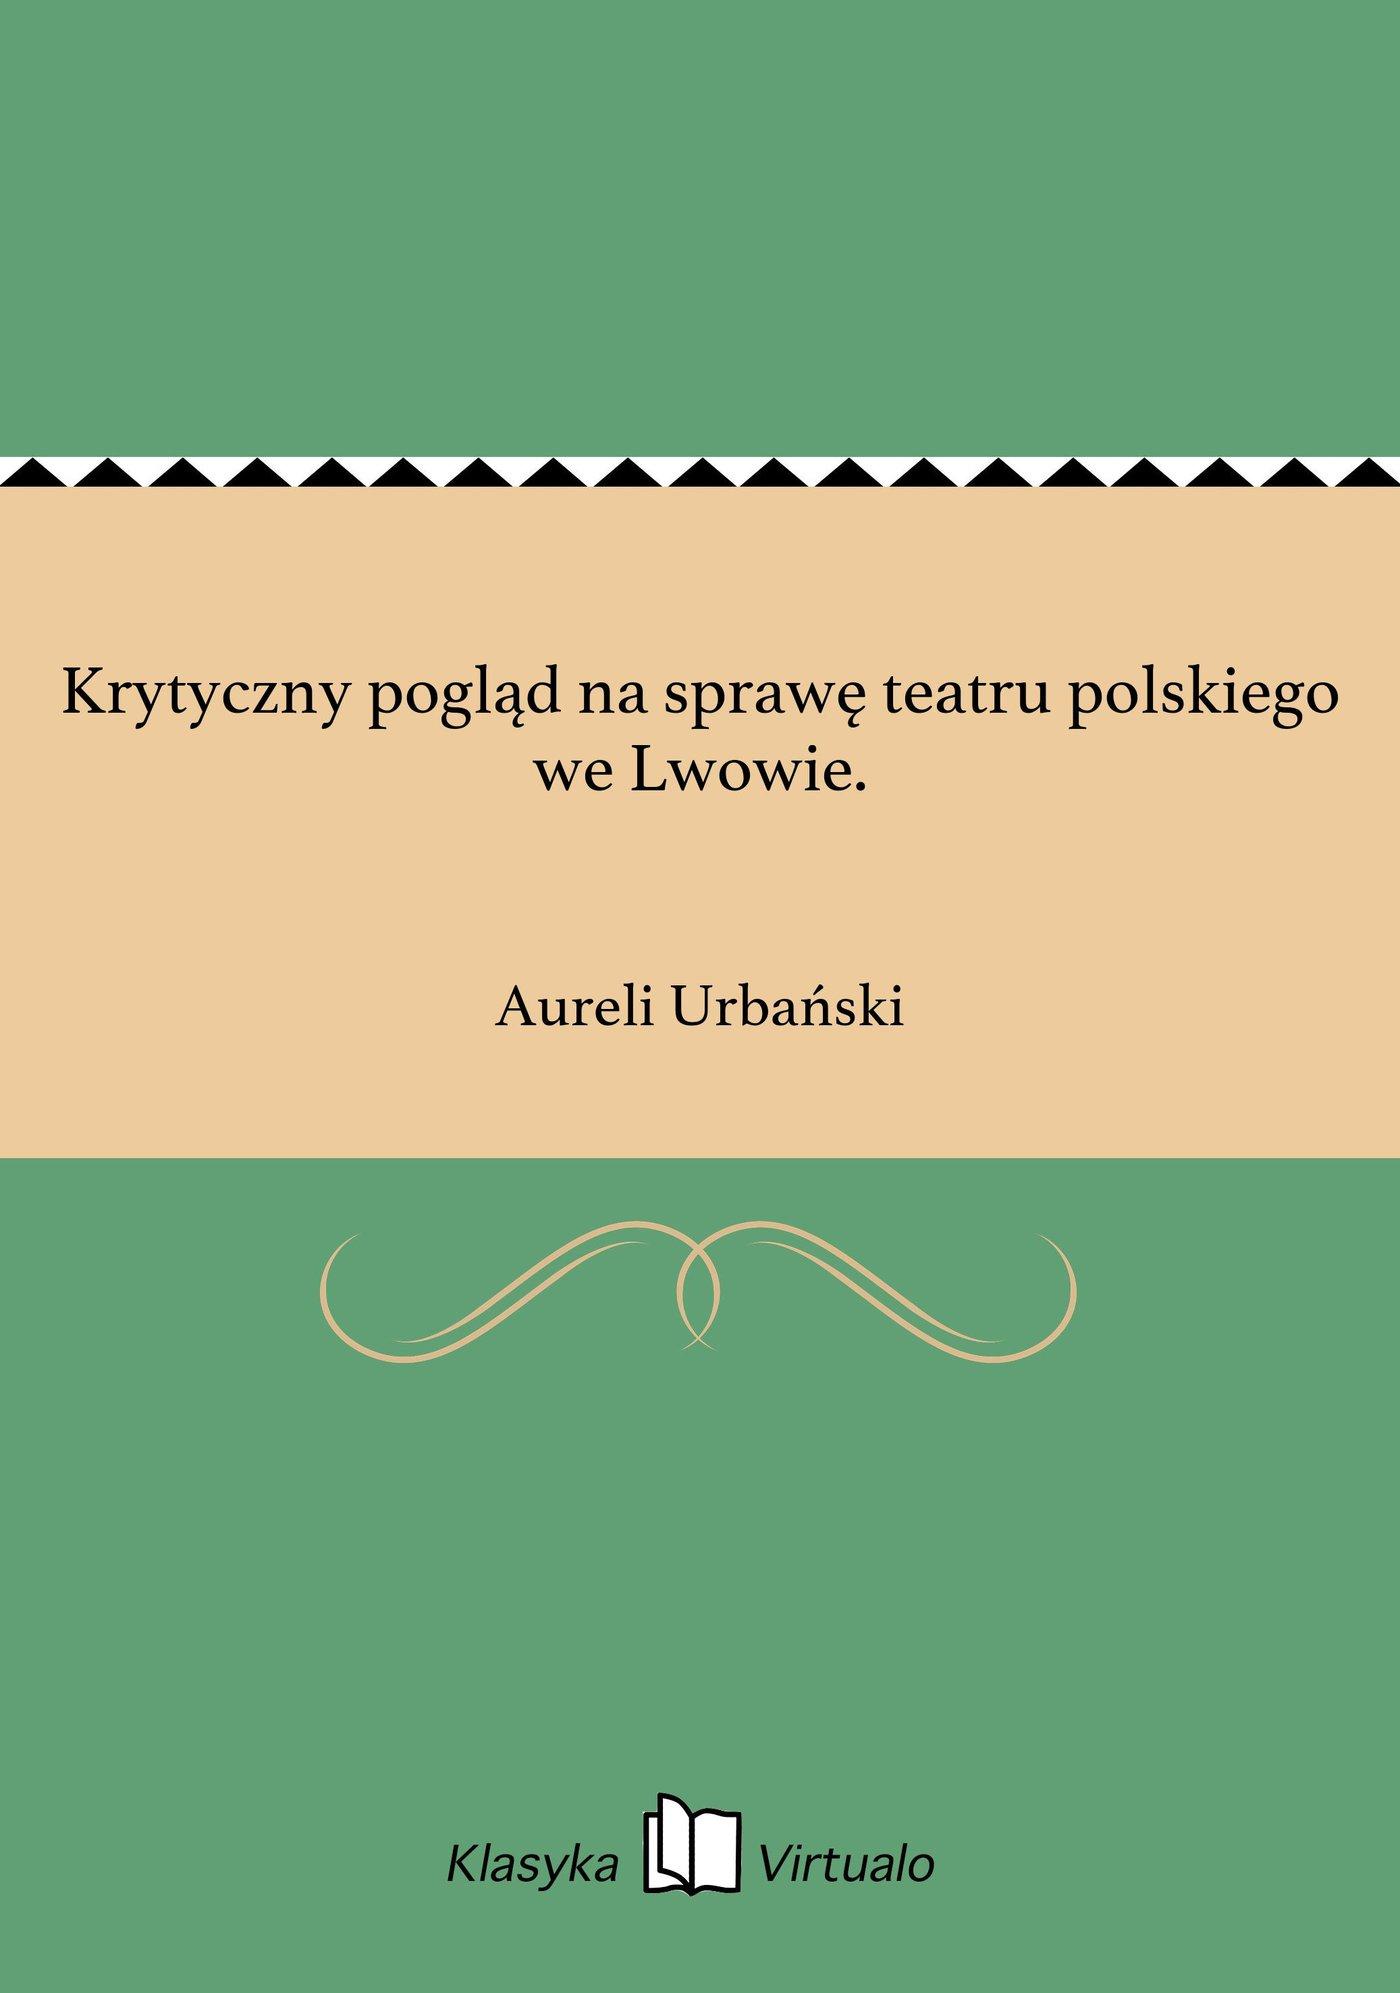 Krytyczny pogląd na sprawę teatru polskiego we Lwowie. - Ebook (Książka na Kindle) do pobrania w formacie MOBI